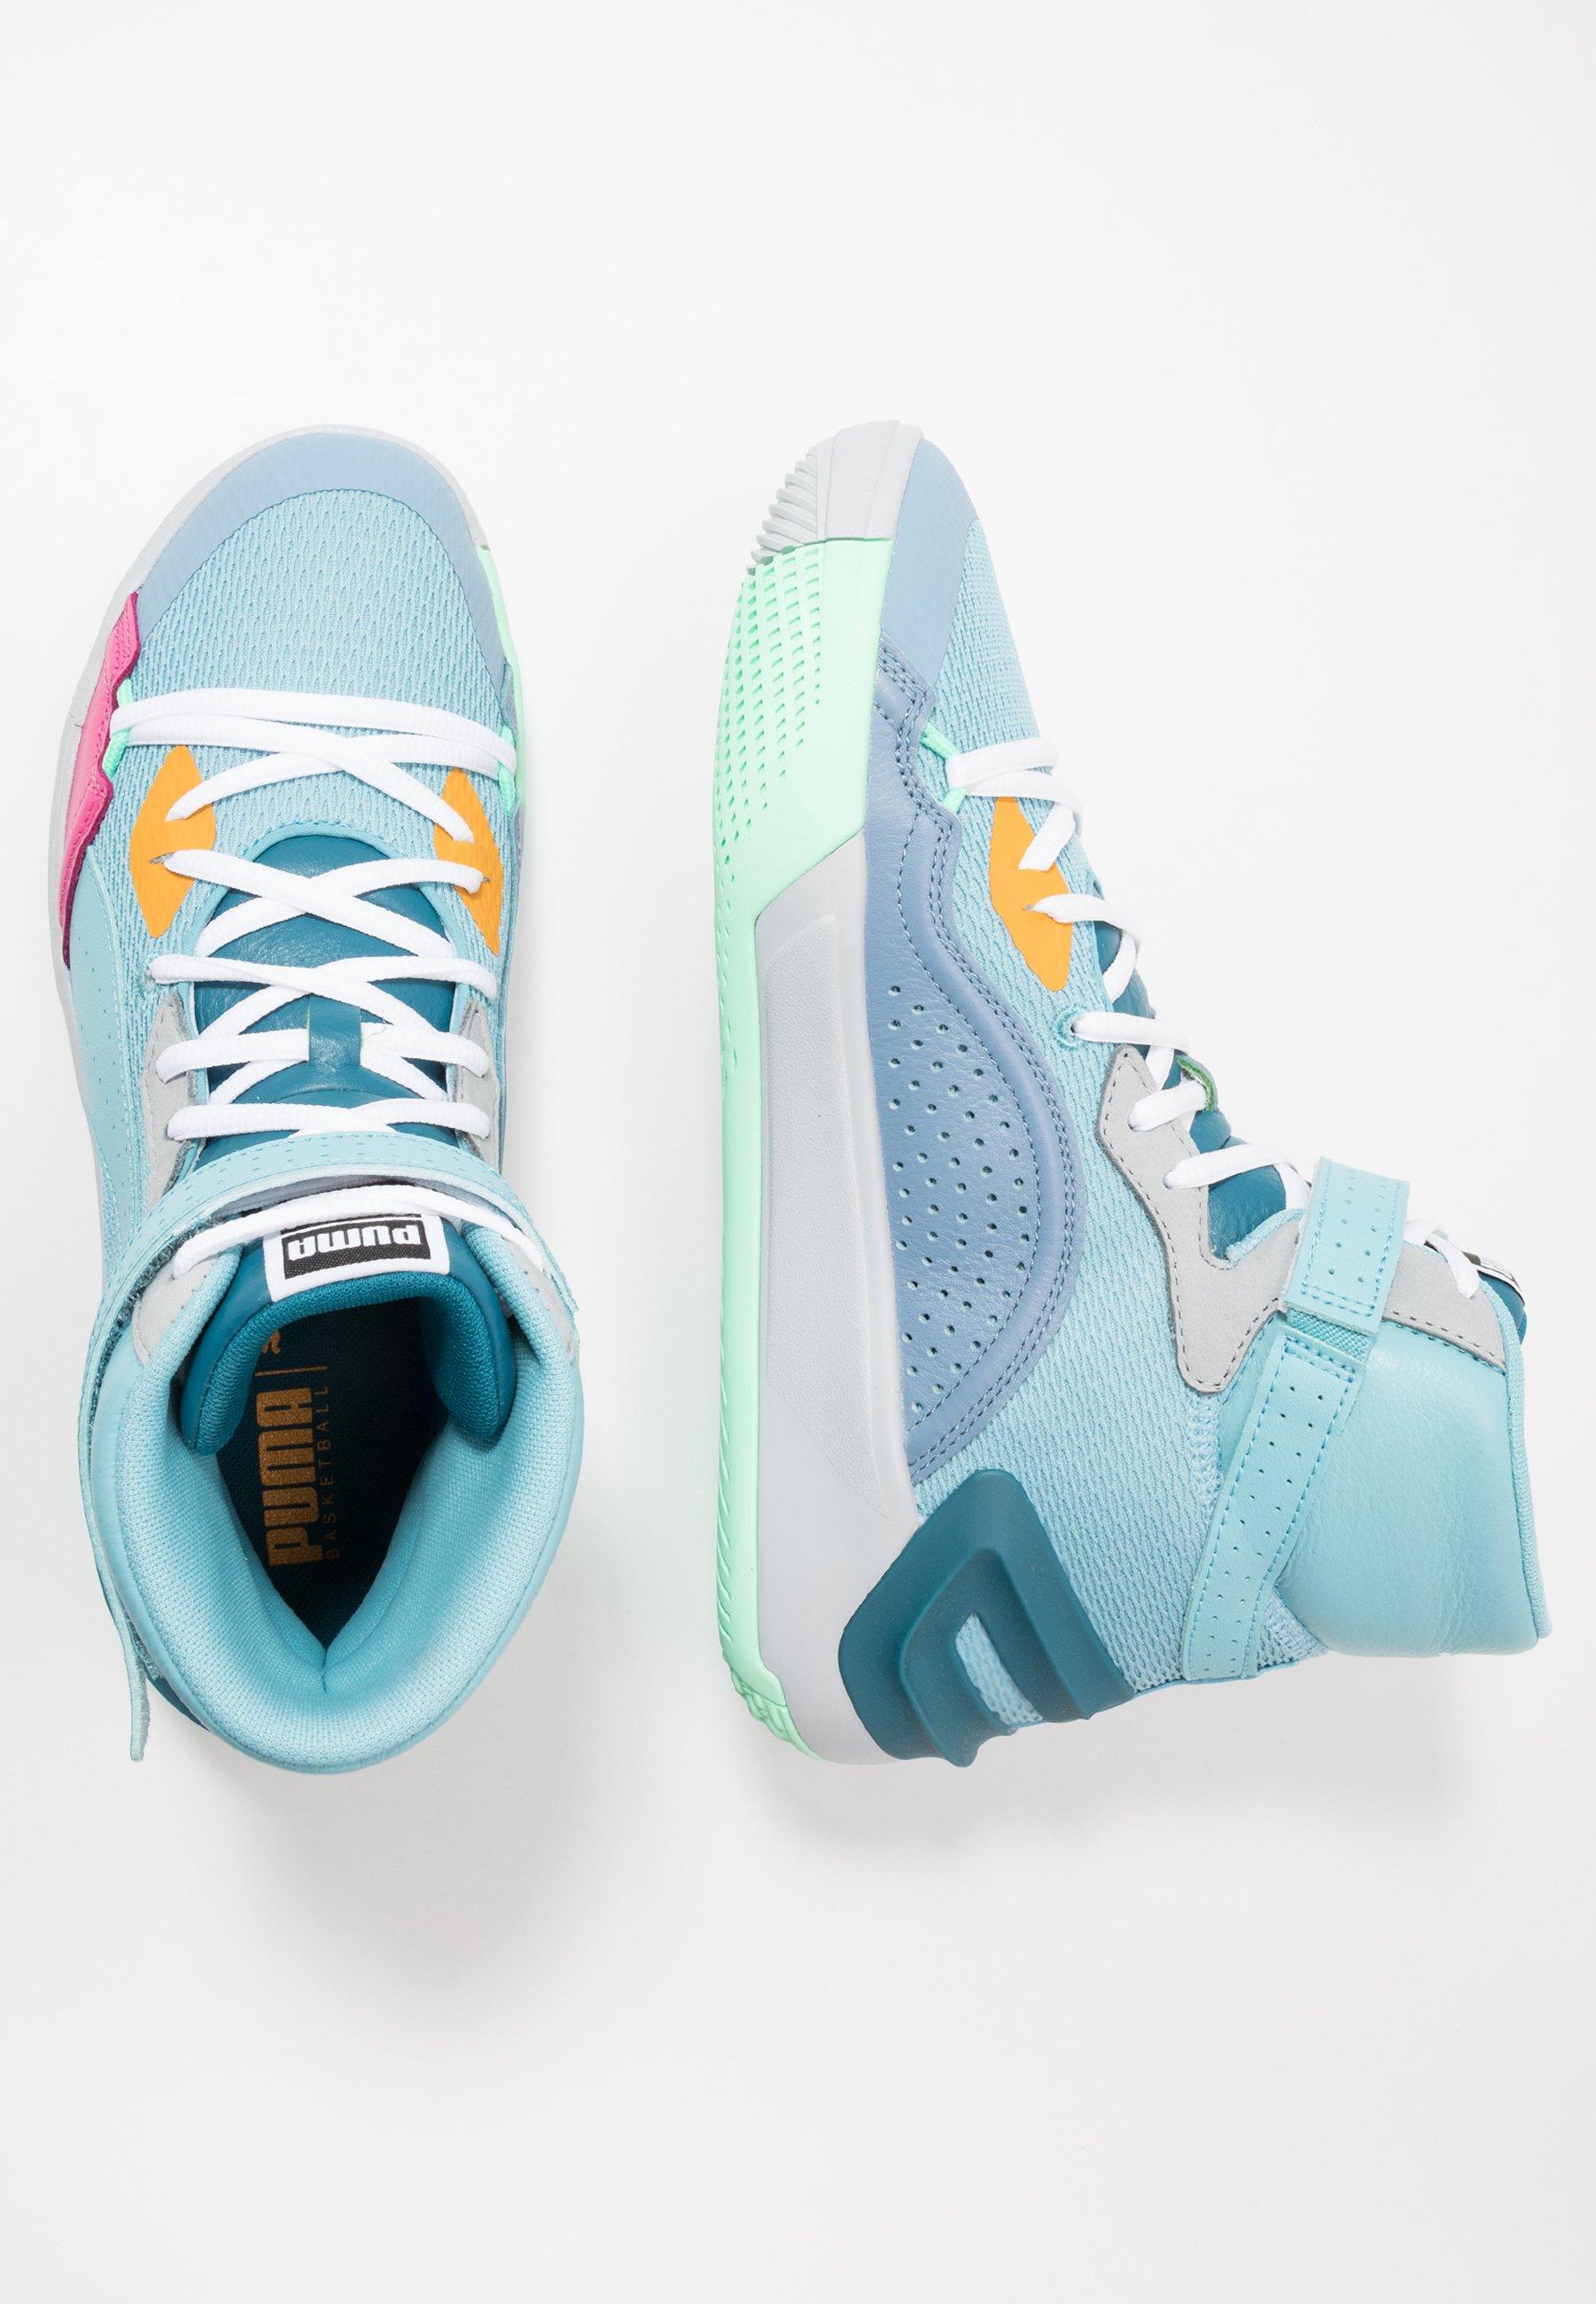 SKY MODERN EASTER Chaussures de basket light blue